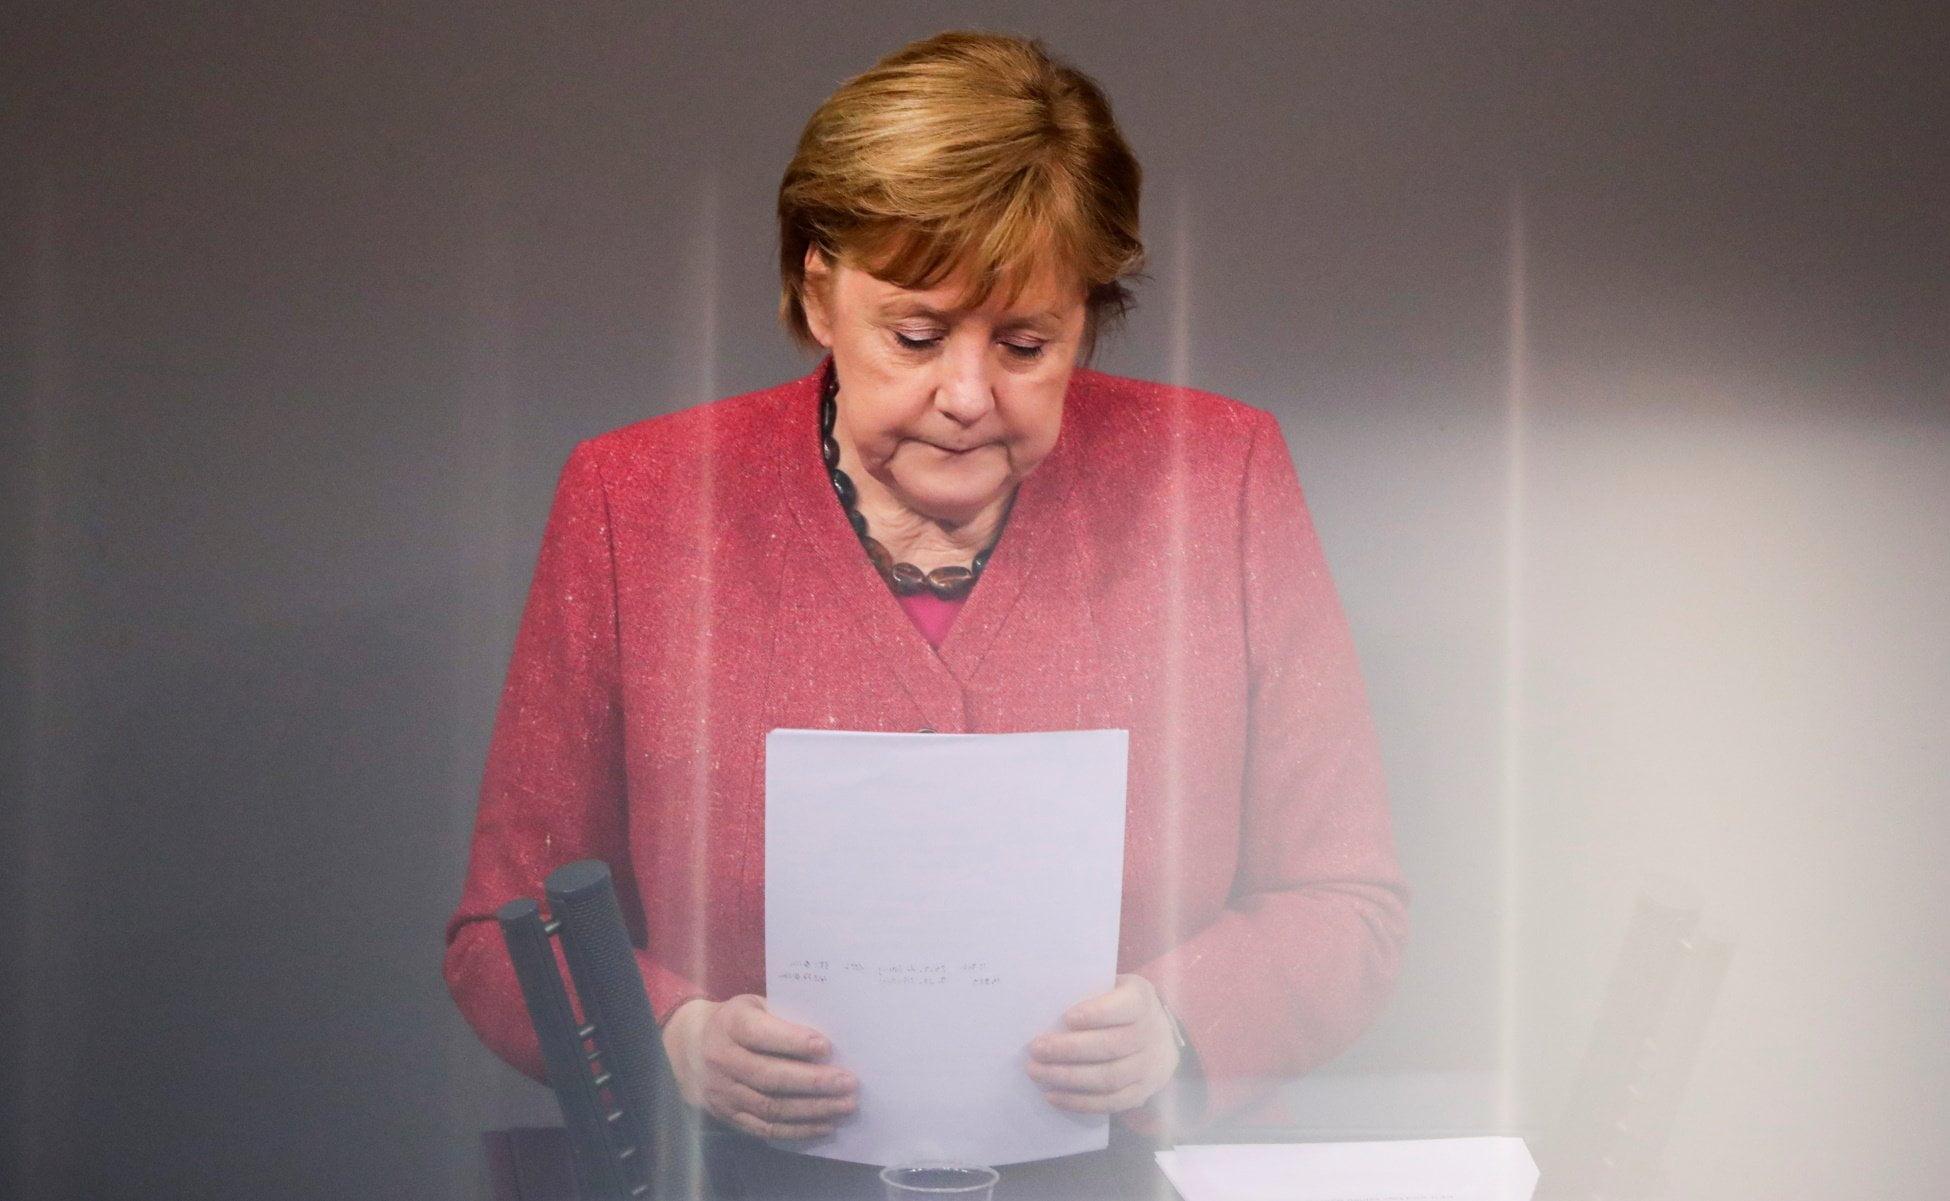 Ποιος φταίει για τη δημοσκοπική συντριβή του κόμματος της Μέρκελ